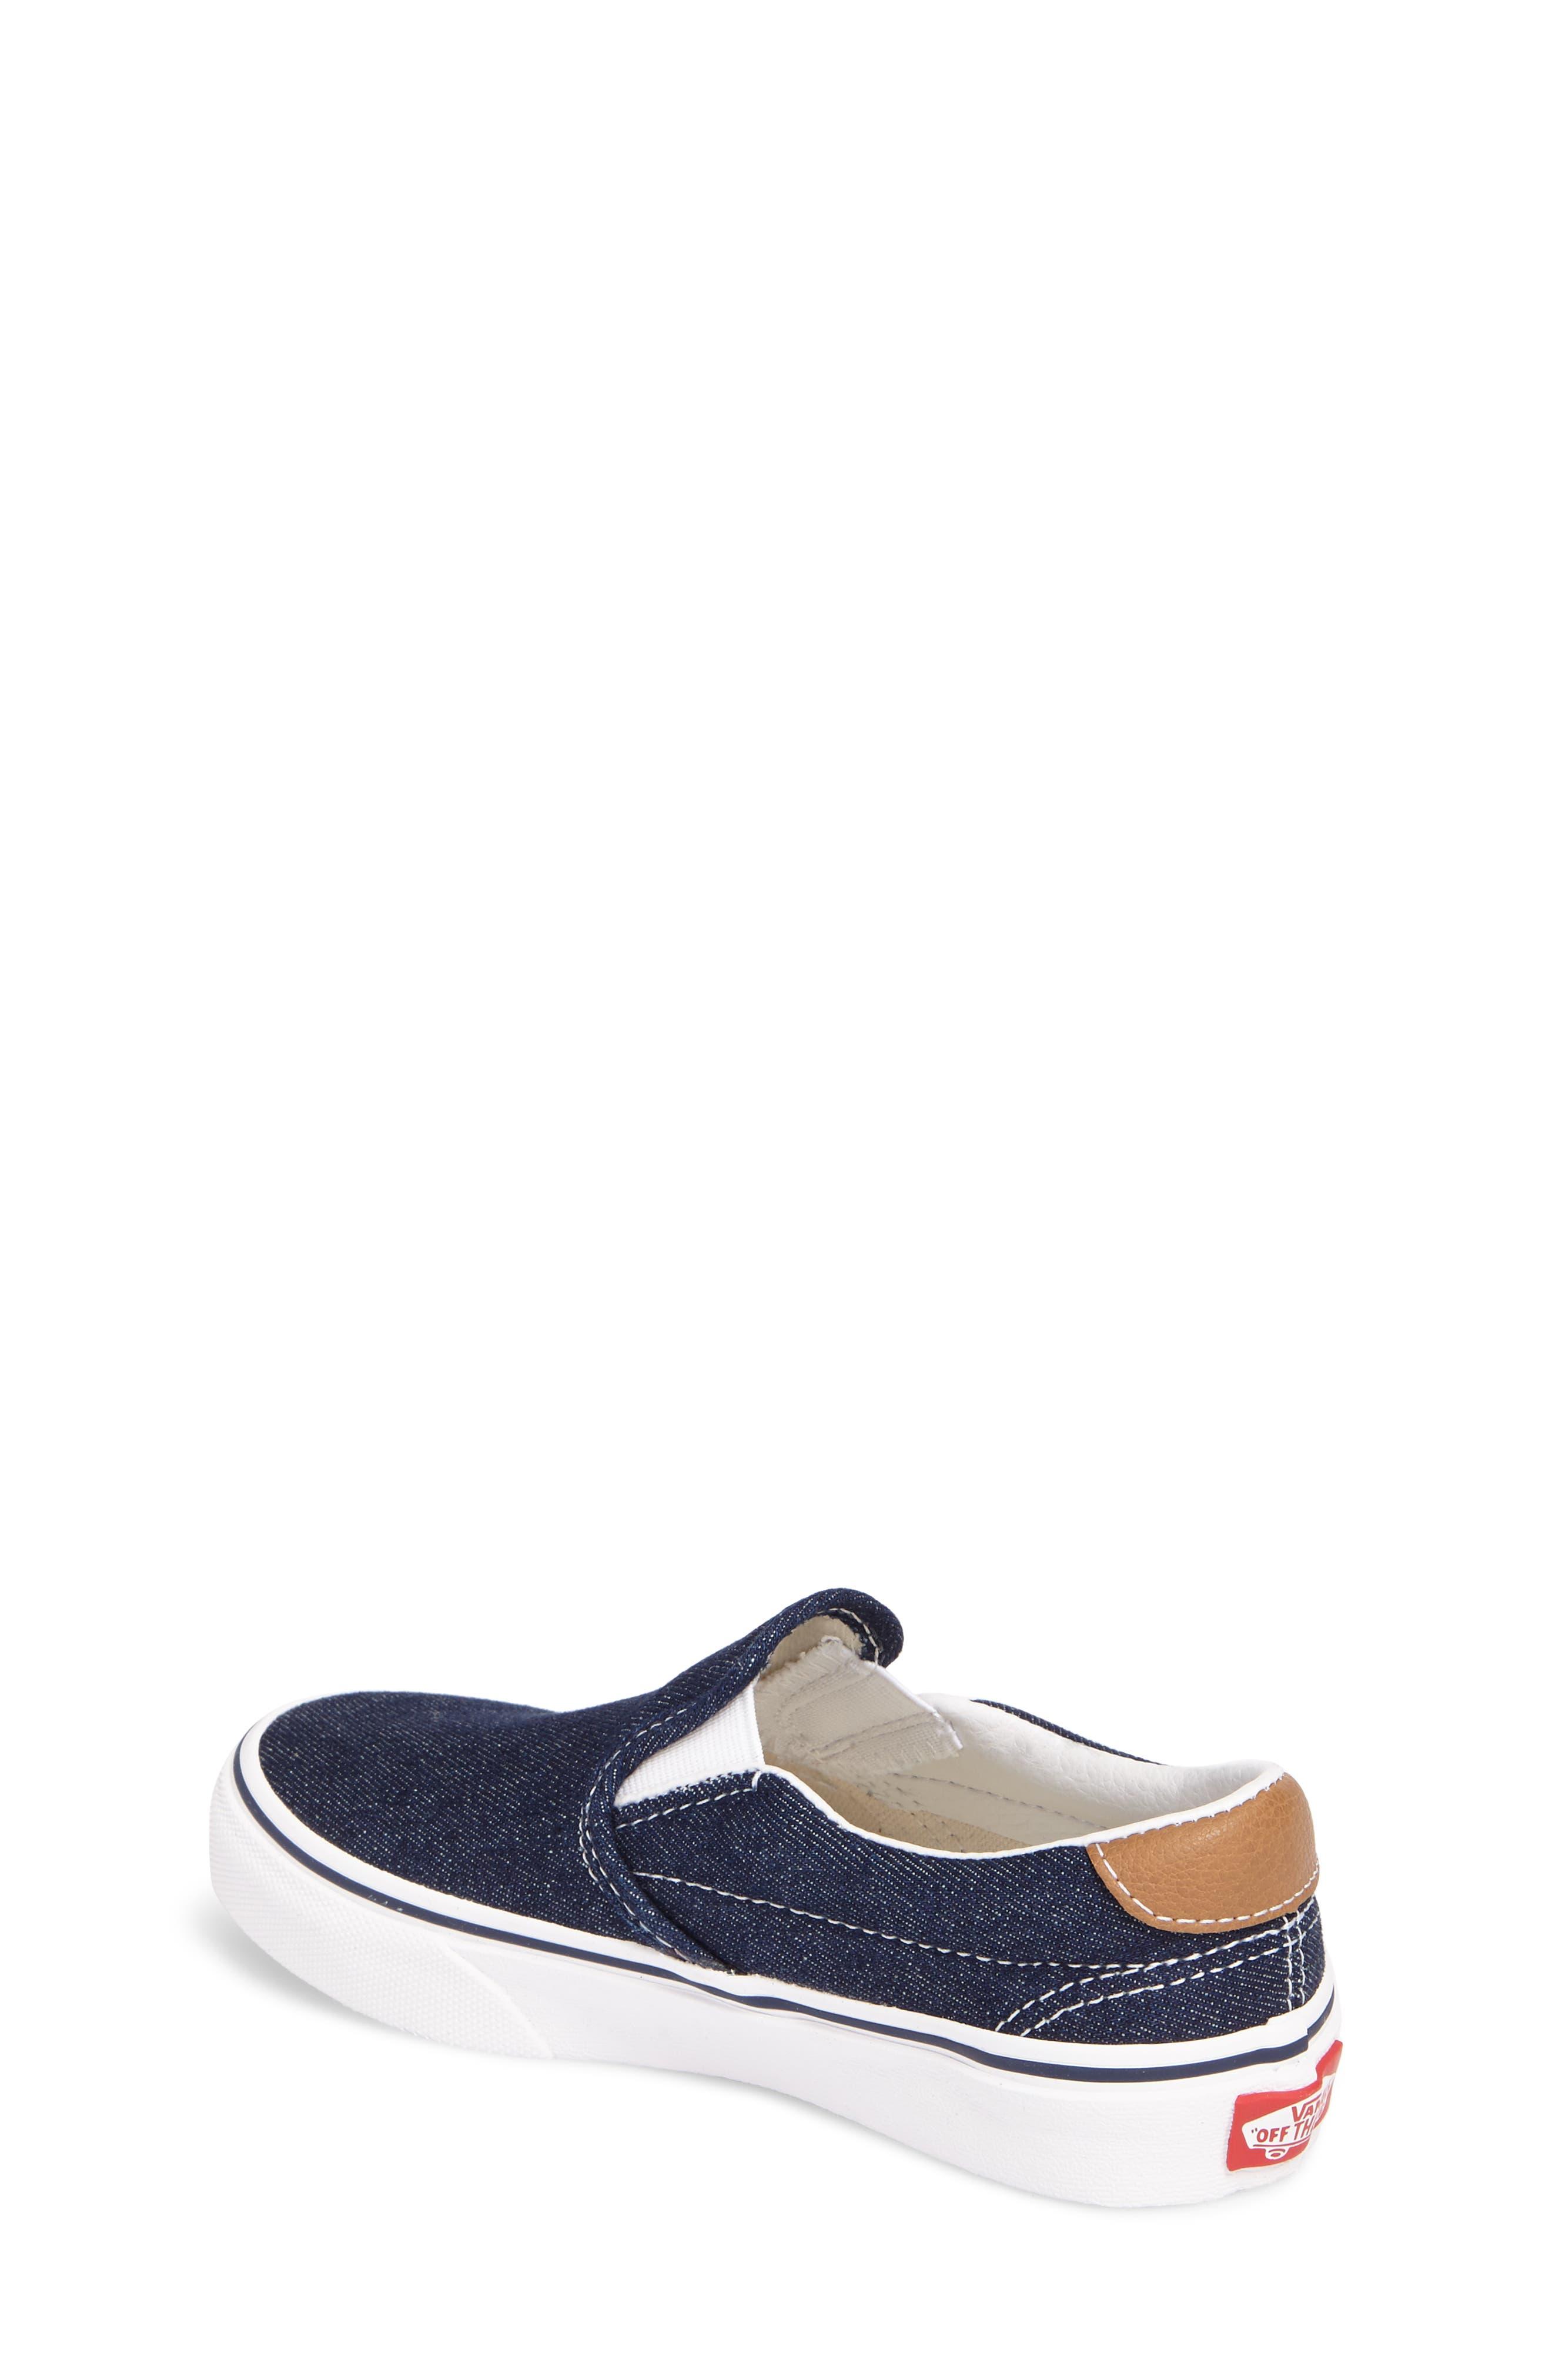 Denim C&L Slip-On 59 Sneaker,                             Alternate thumbnail 2, color,                             420